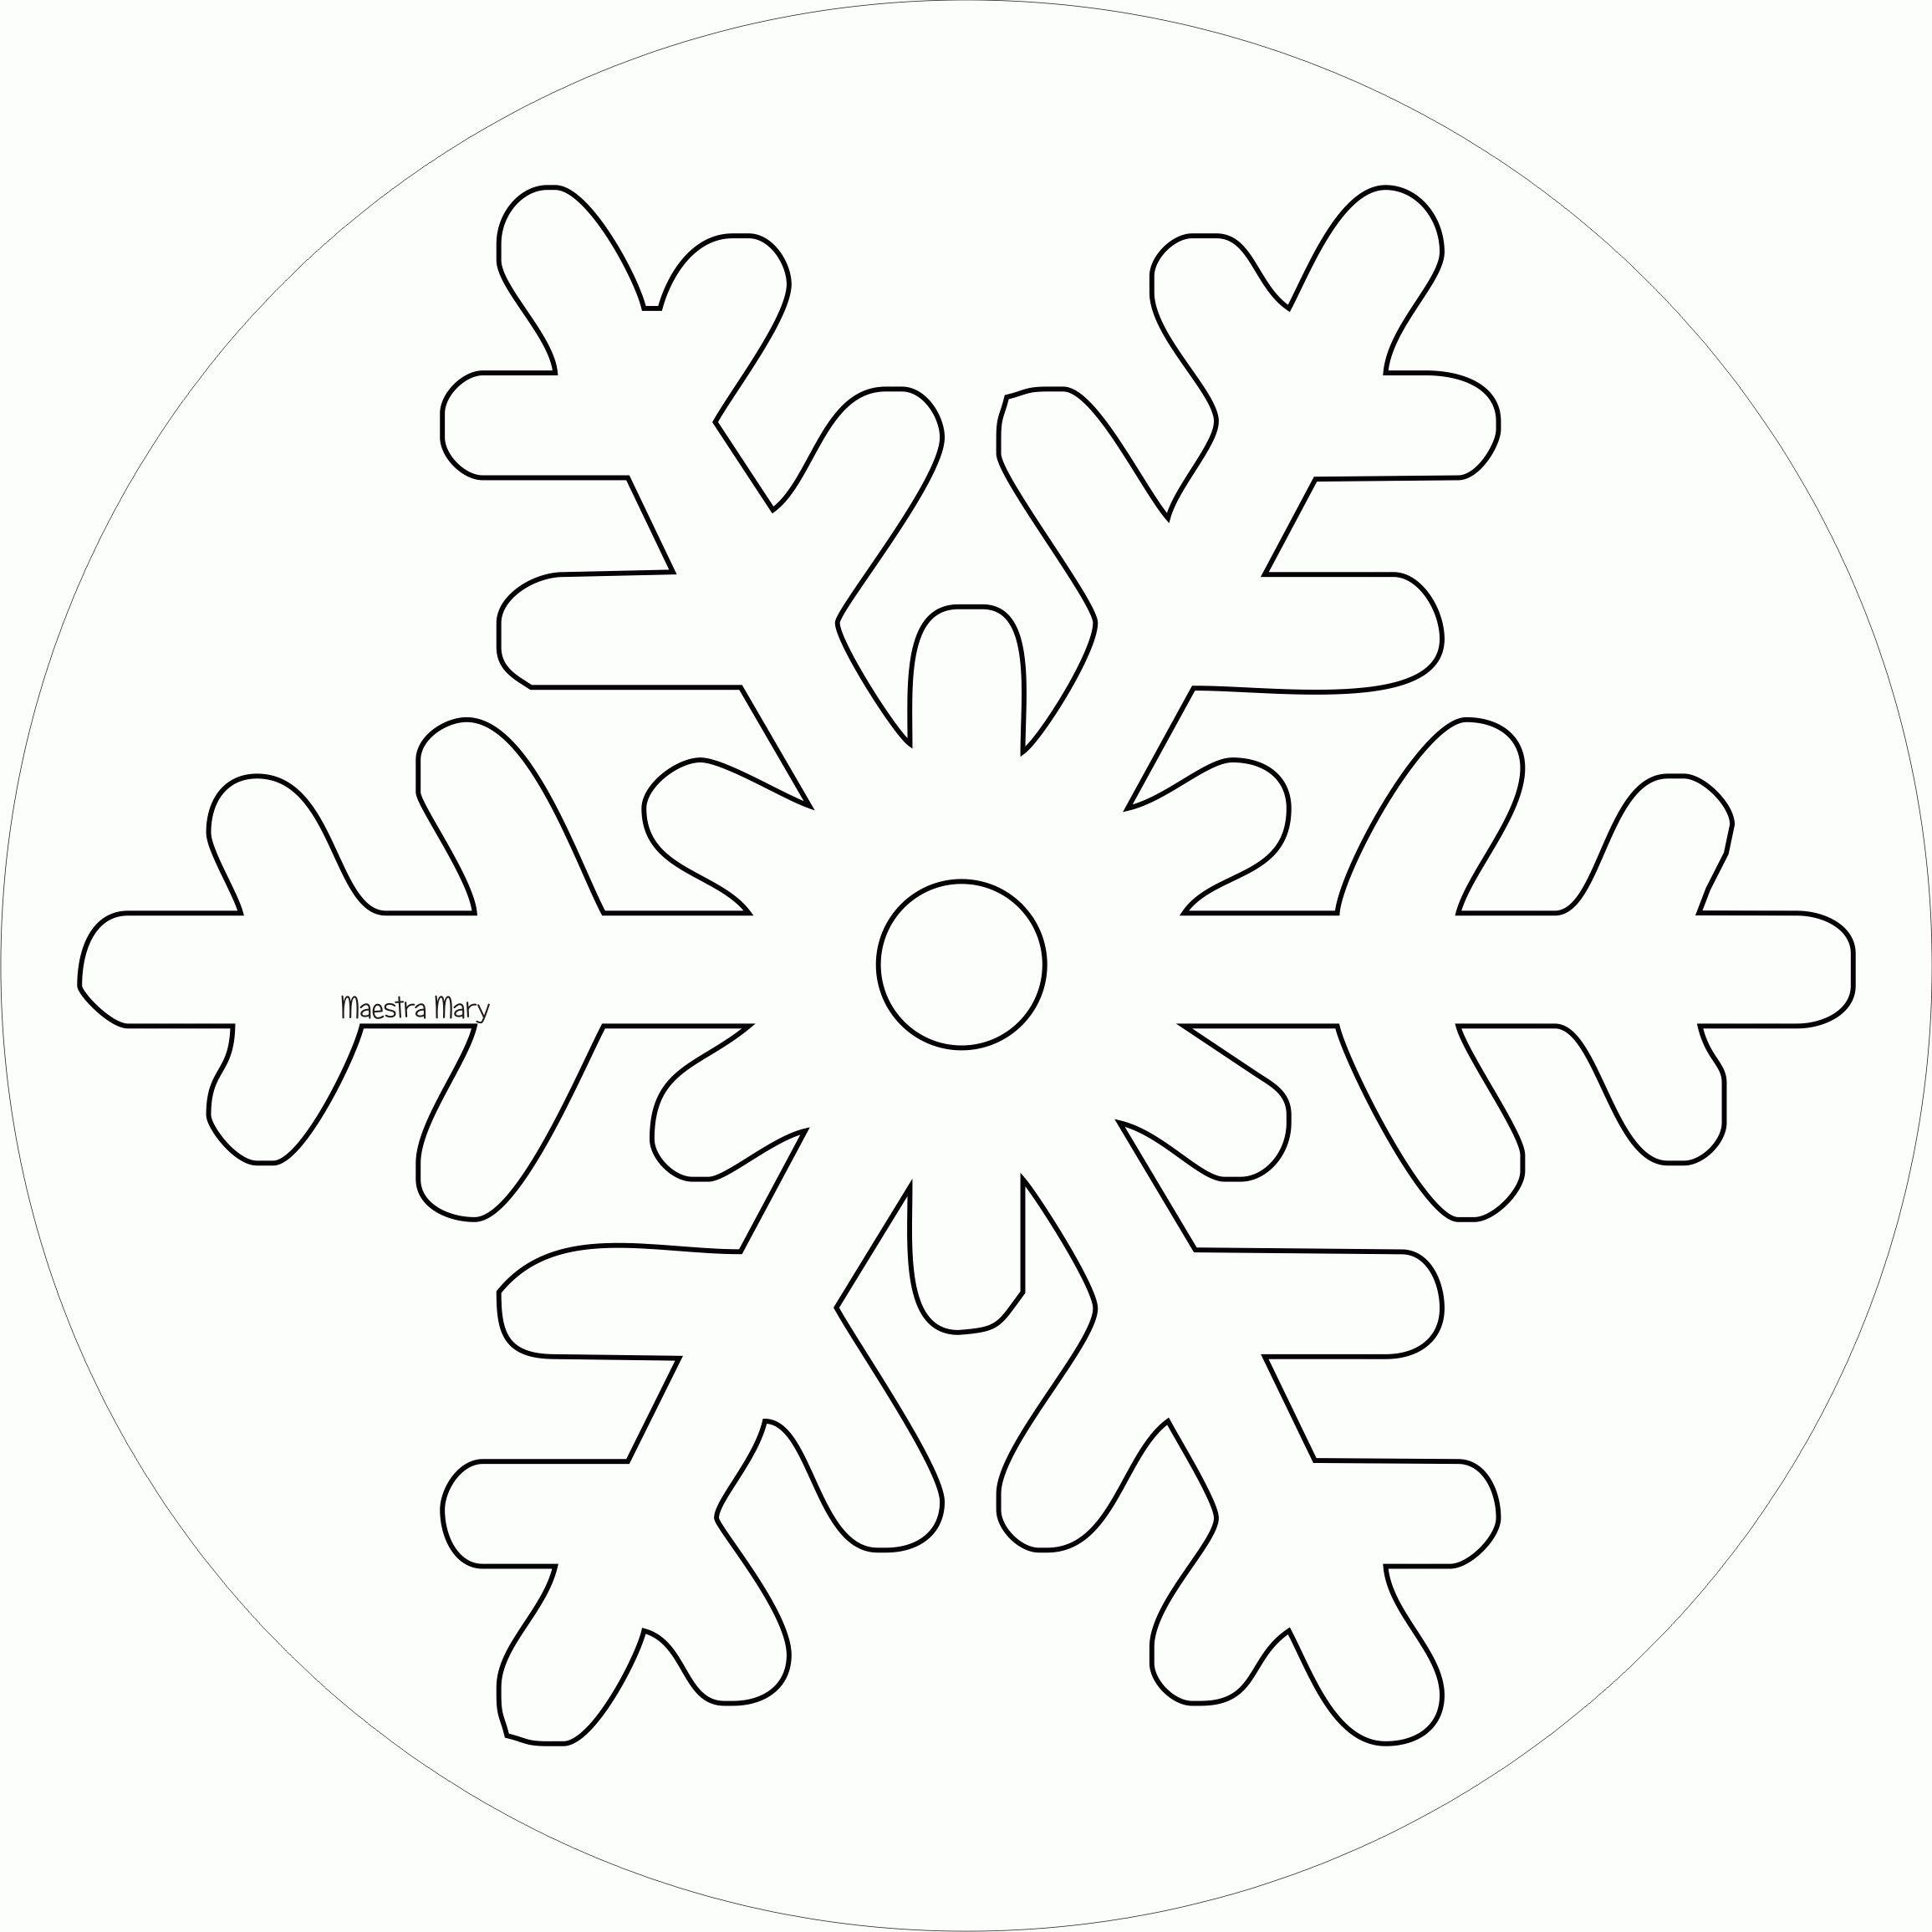 Inverno Sagome E Disegni Maestra Mary Stampare Cristalli